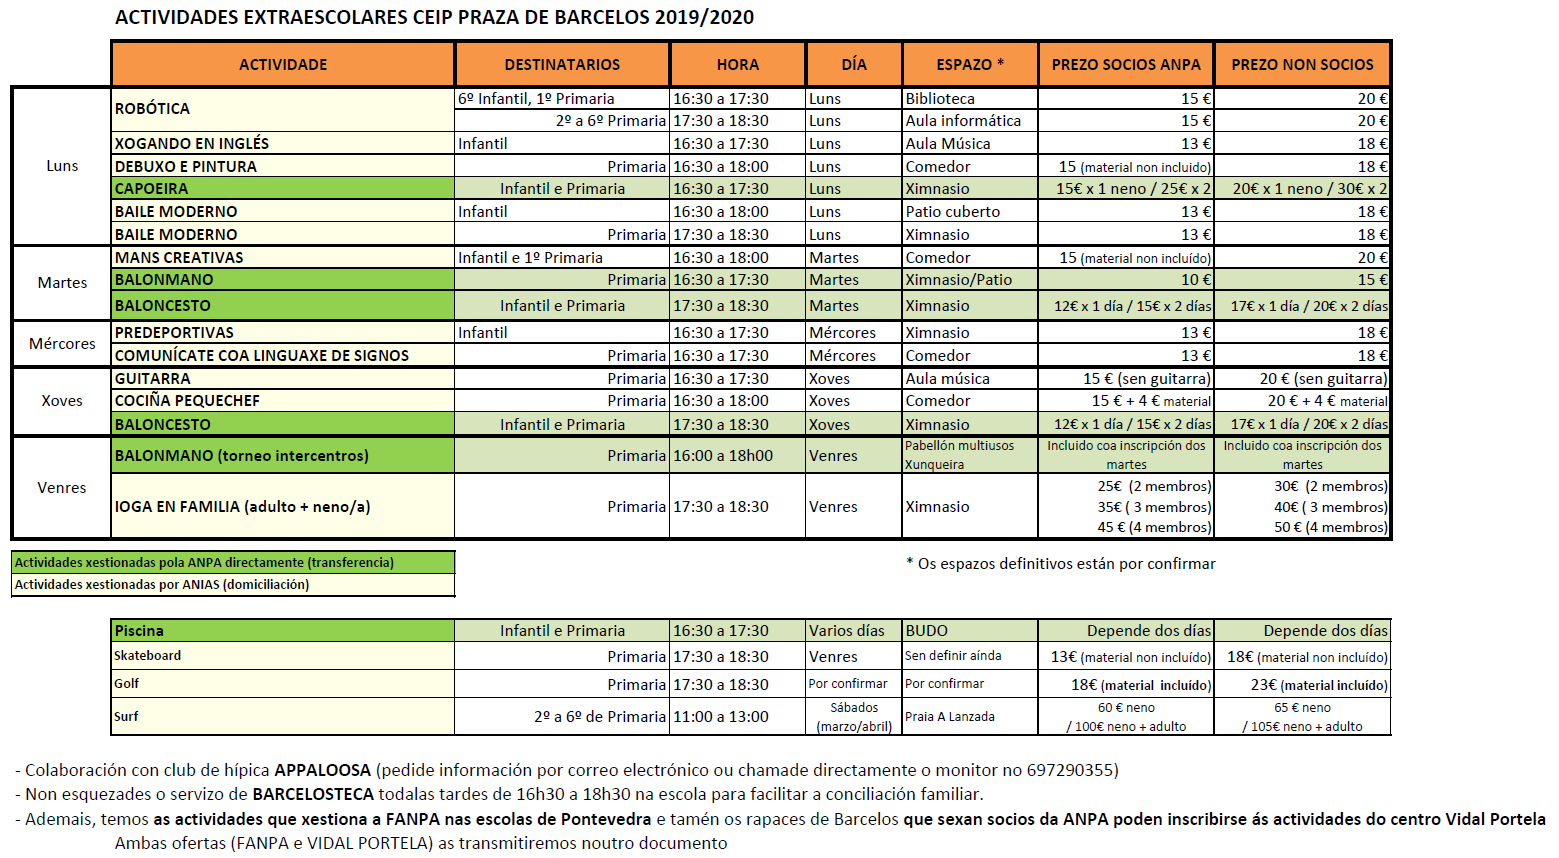 Actividades CEIP Barcelos